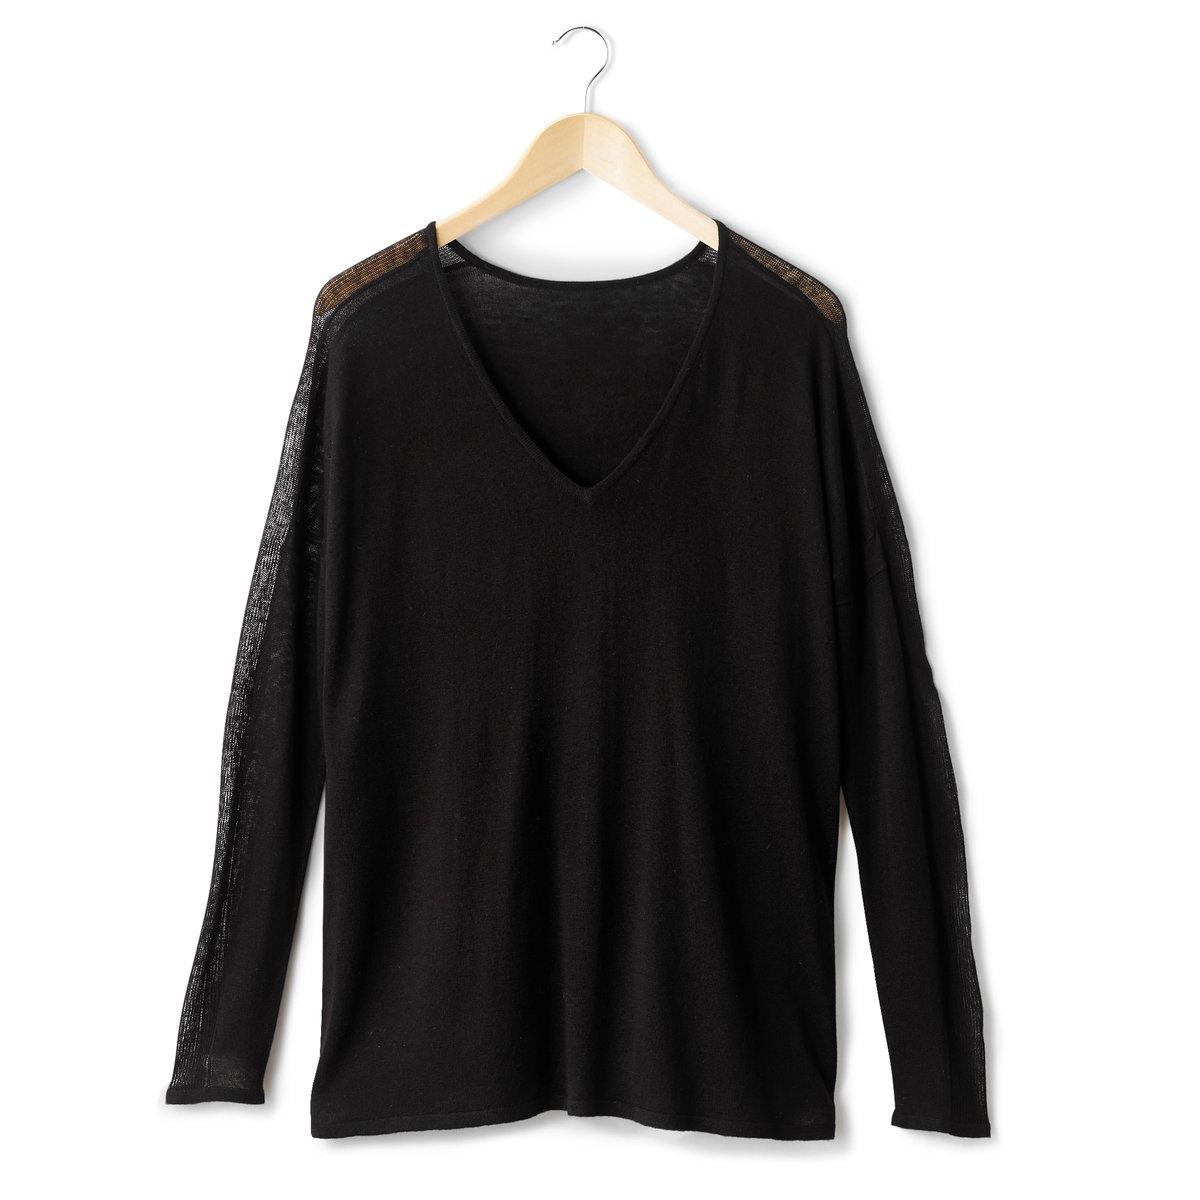 Пуловер с V-образным вырезомПуловер с V-образным вырезом. Длинные прозрачные рукава. Трикотаж, 50 % вискозы, 40% акрила, 10 % шерсти мериноса. Длина 70 см.<br><br>Цвет: черный<br>Размер: 38/40 (FR) - 44/46 (RUS)